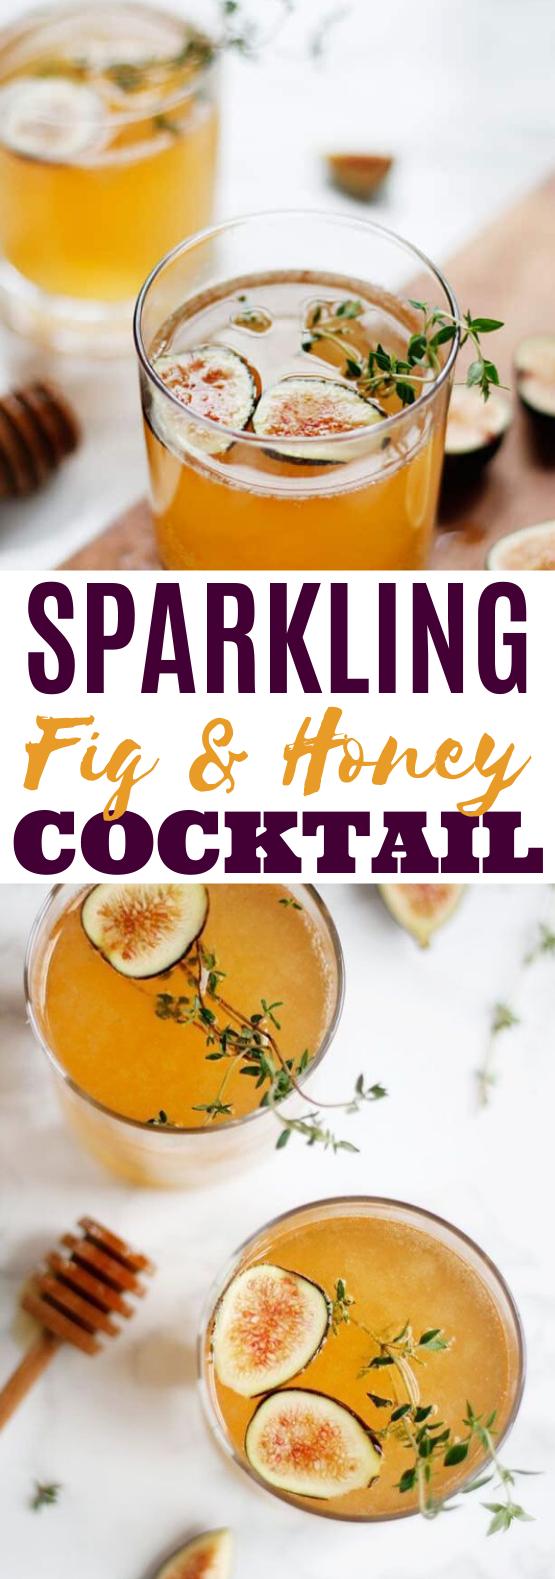 Sparkling Fig & Honey Cocktail #drinks #cocktails #alcohol #brunch #beverages